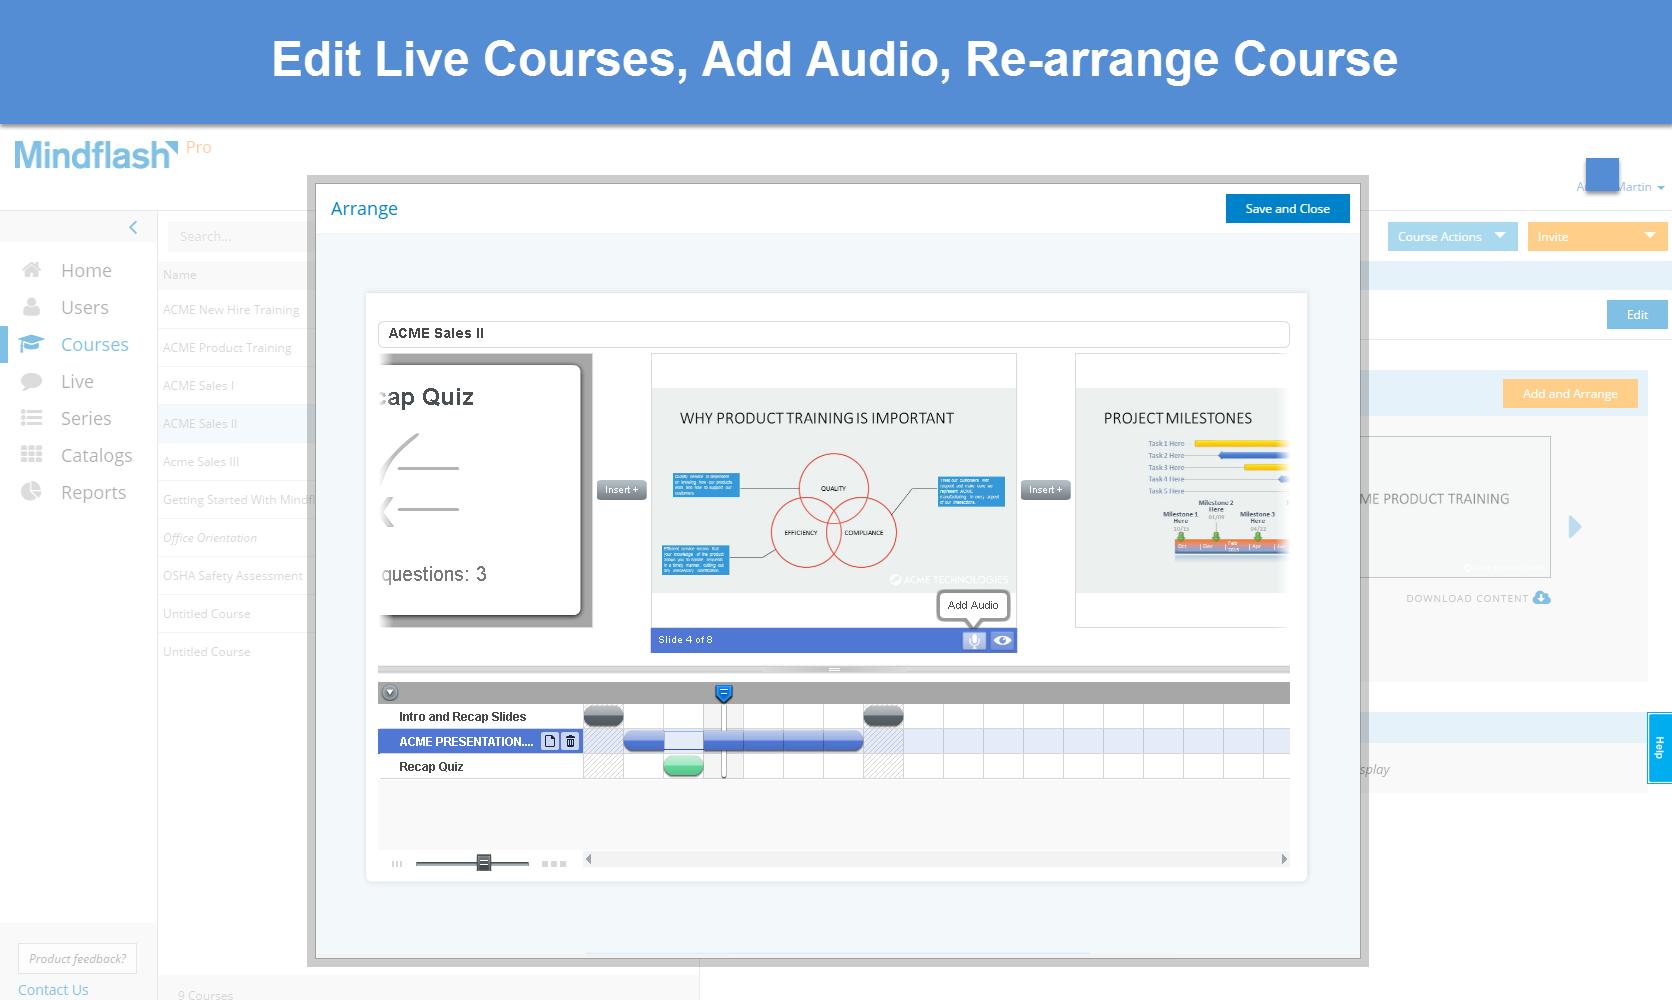 Mindflash Demo - Mindflash Edit Live Courses